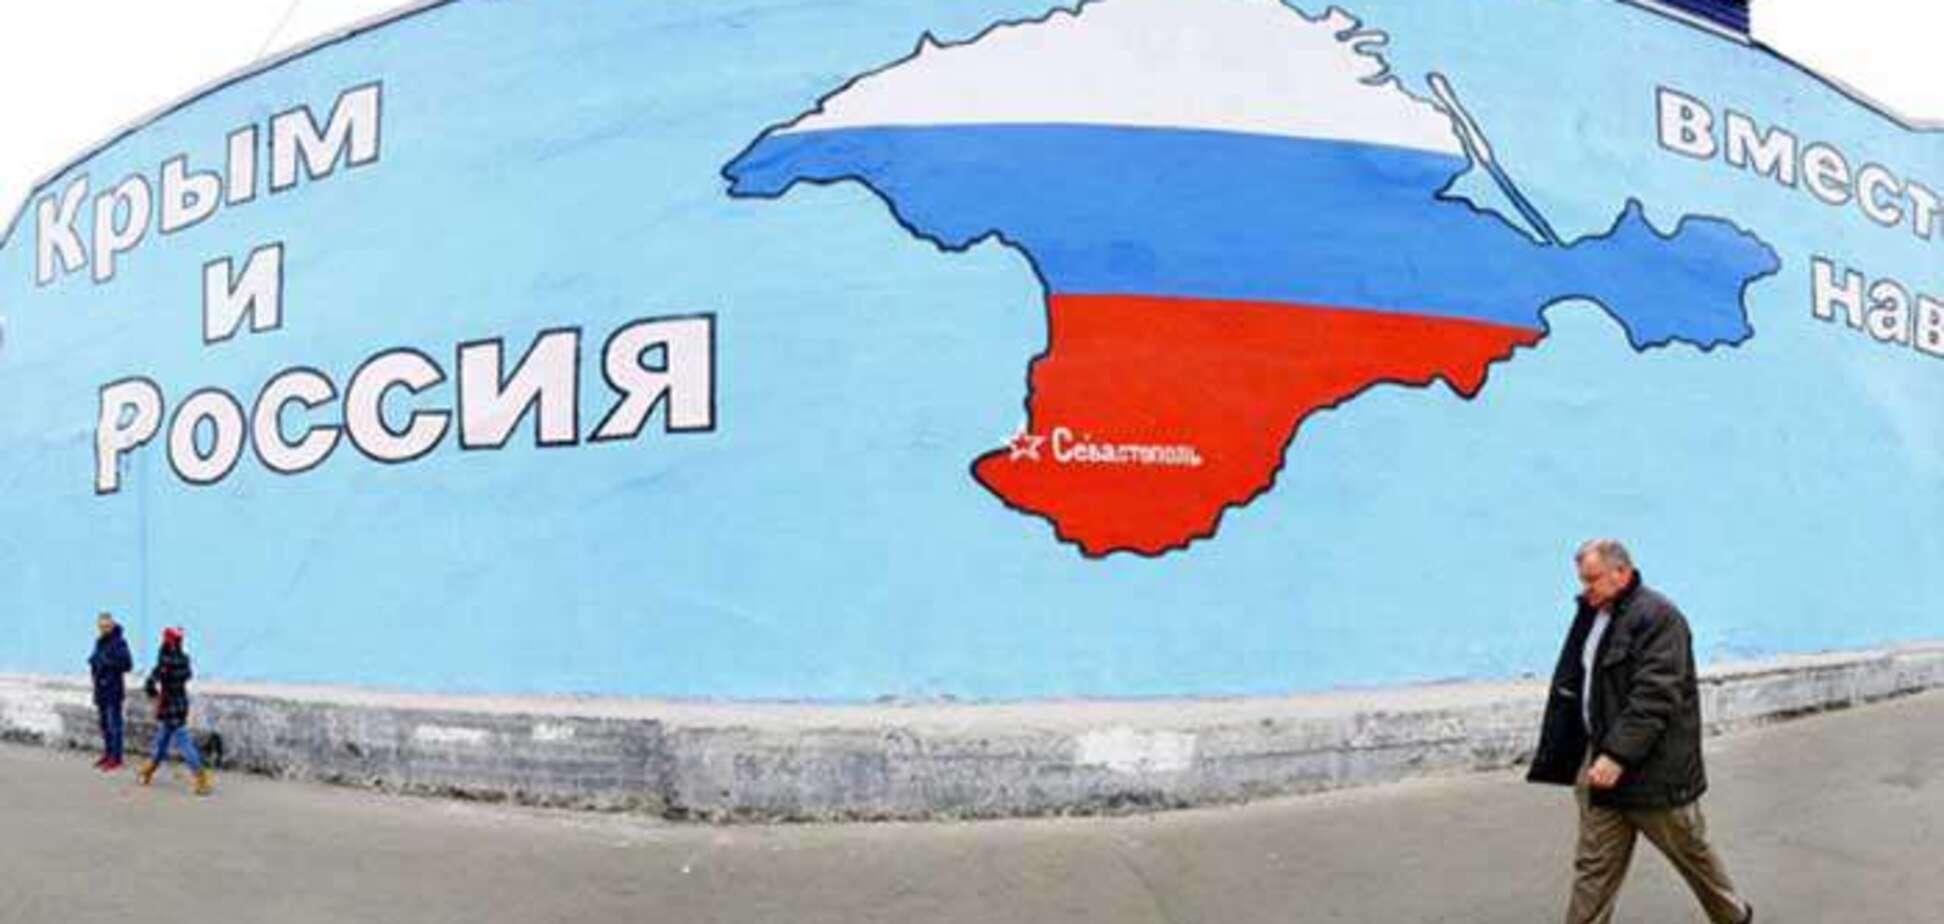 'Крым вернется': в Украине дали жесткий прогноз